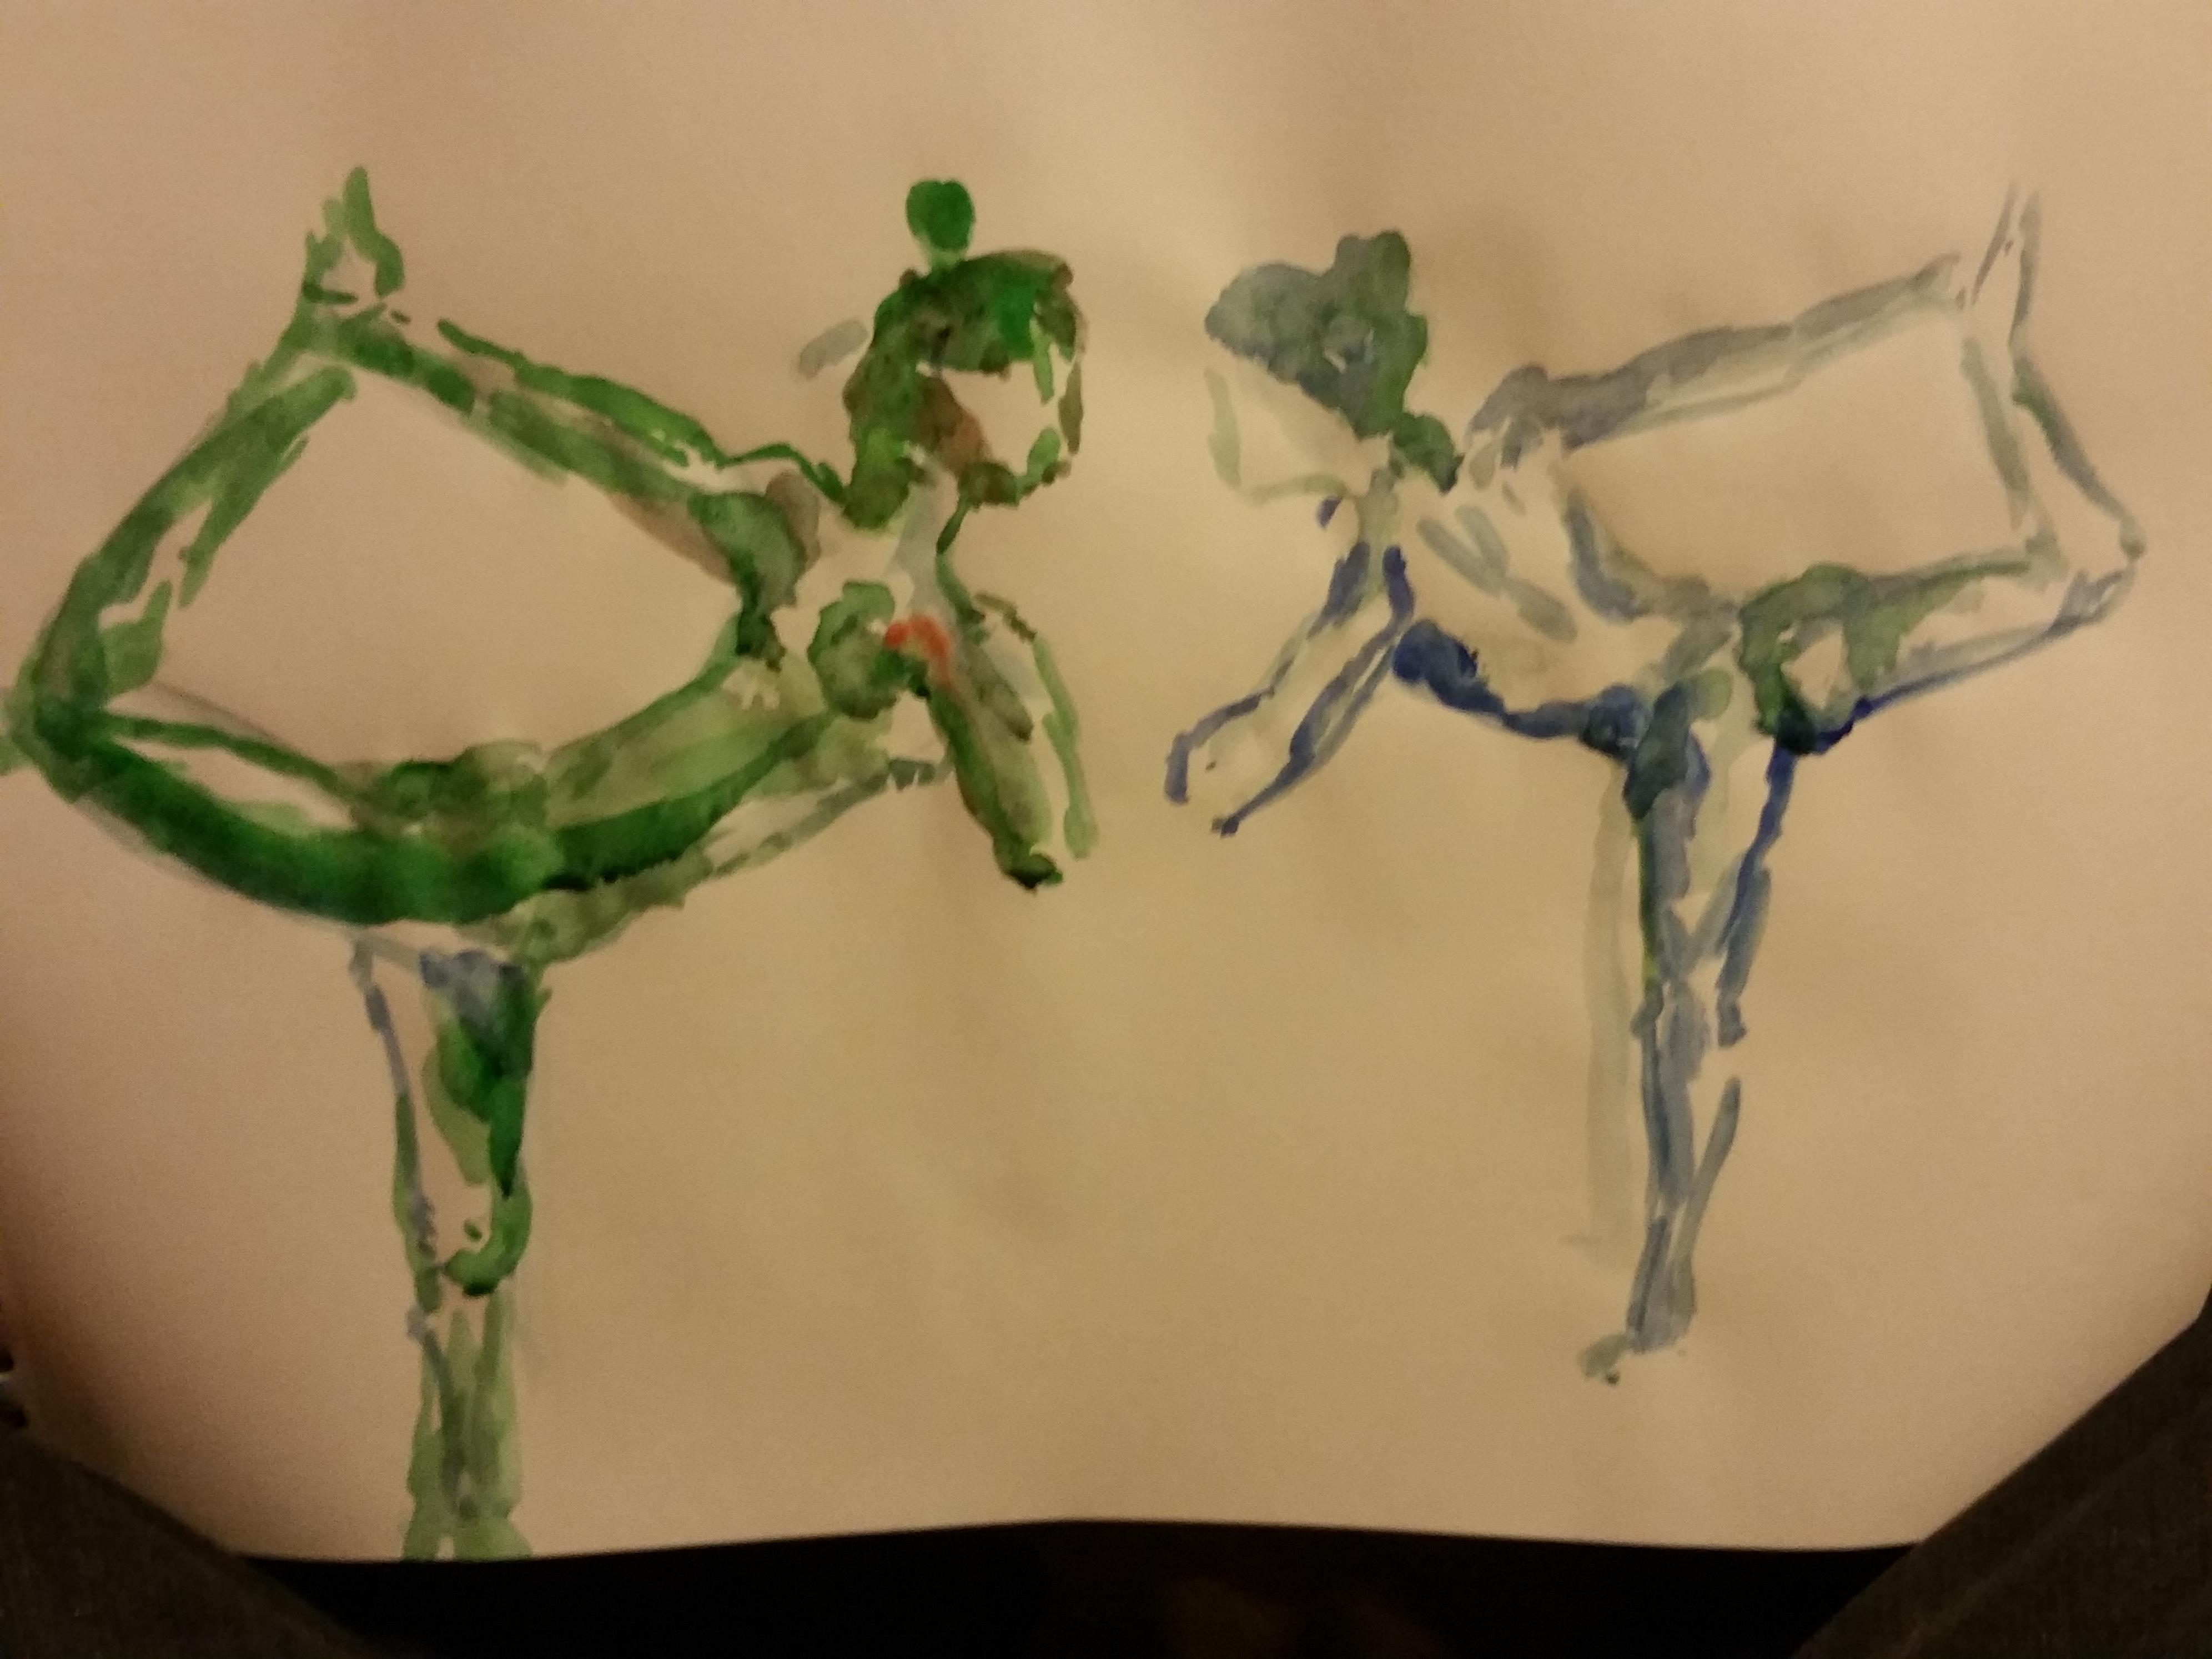 Dessin en miroir aquarelle mod�le vivant vert  cours de dessin